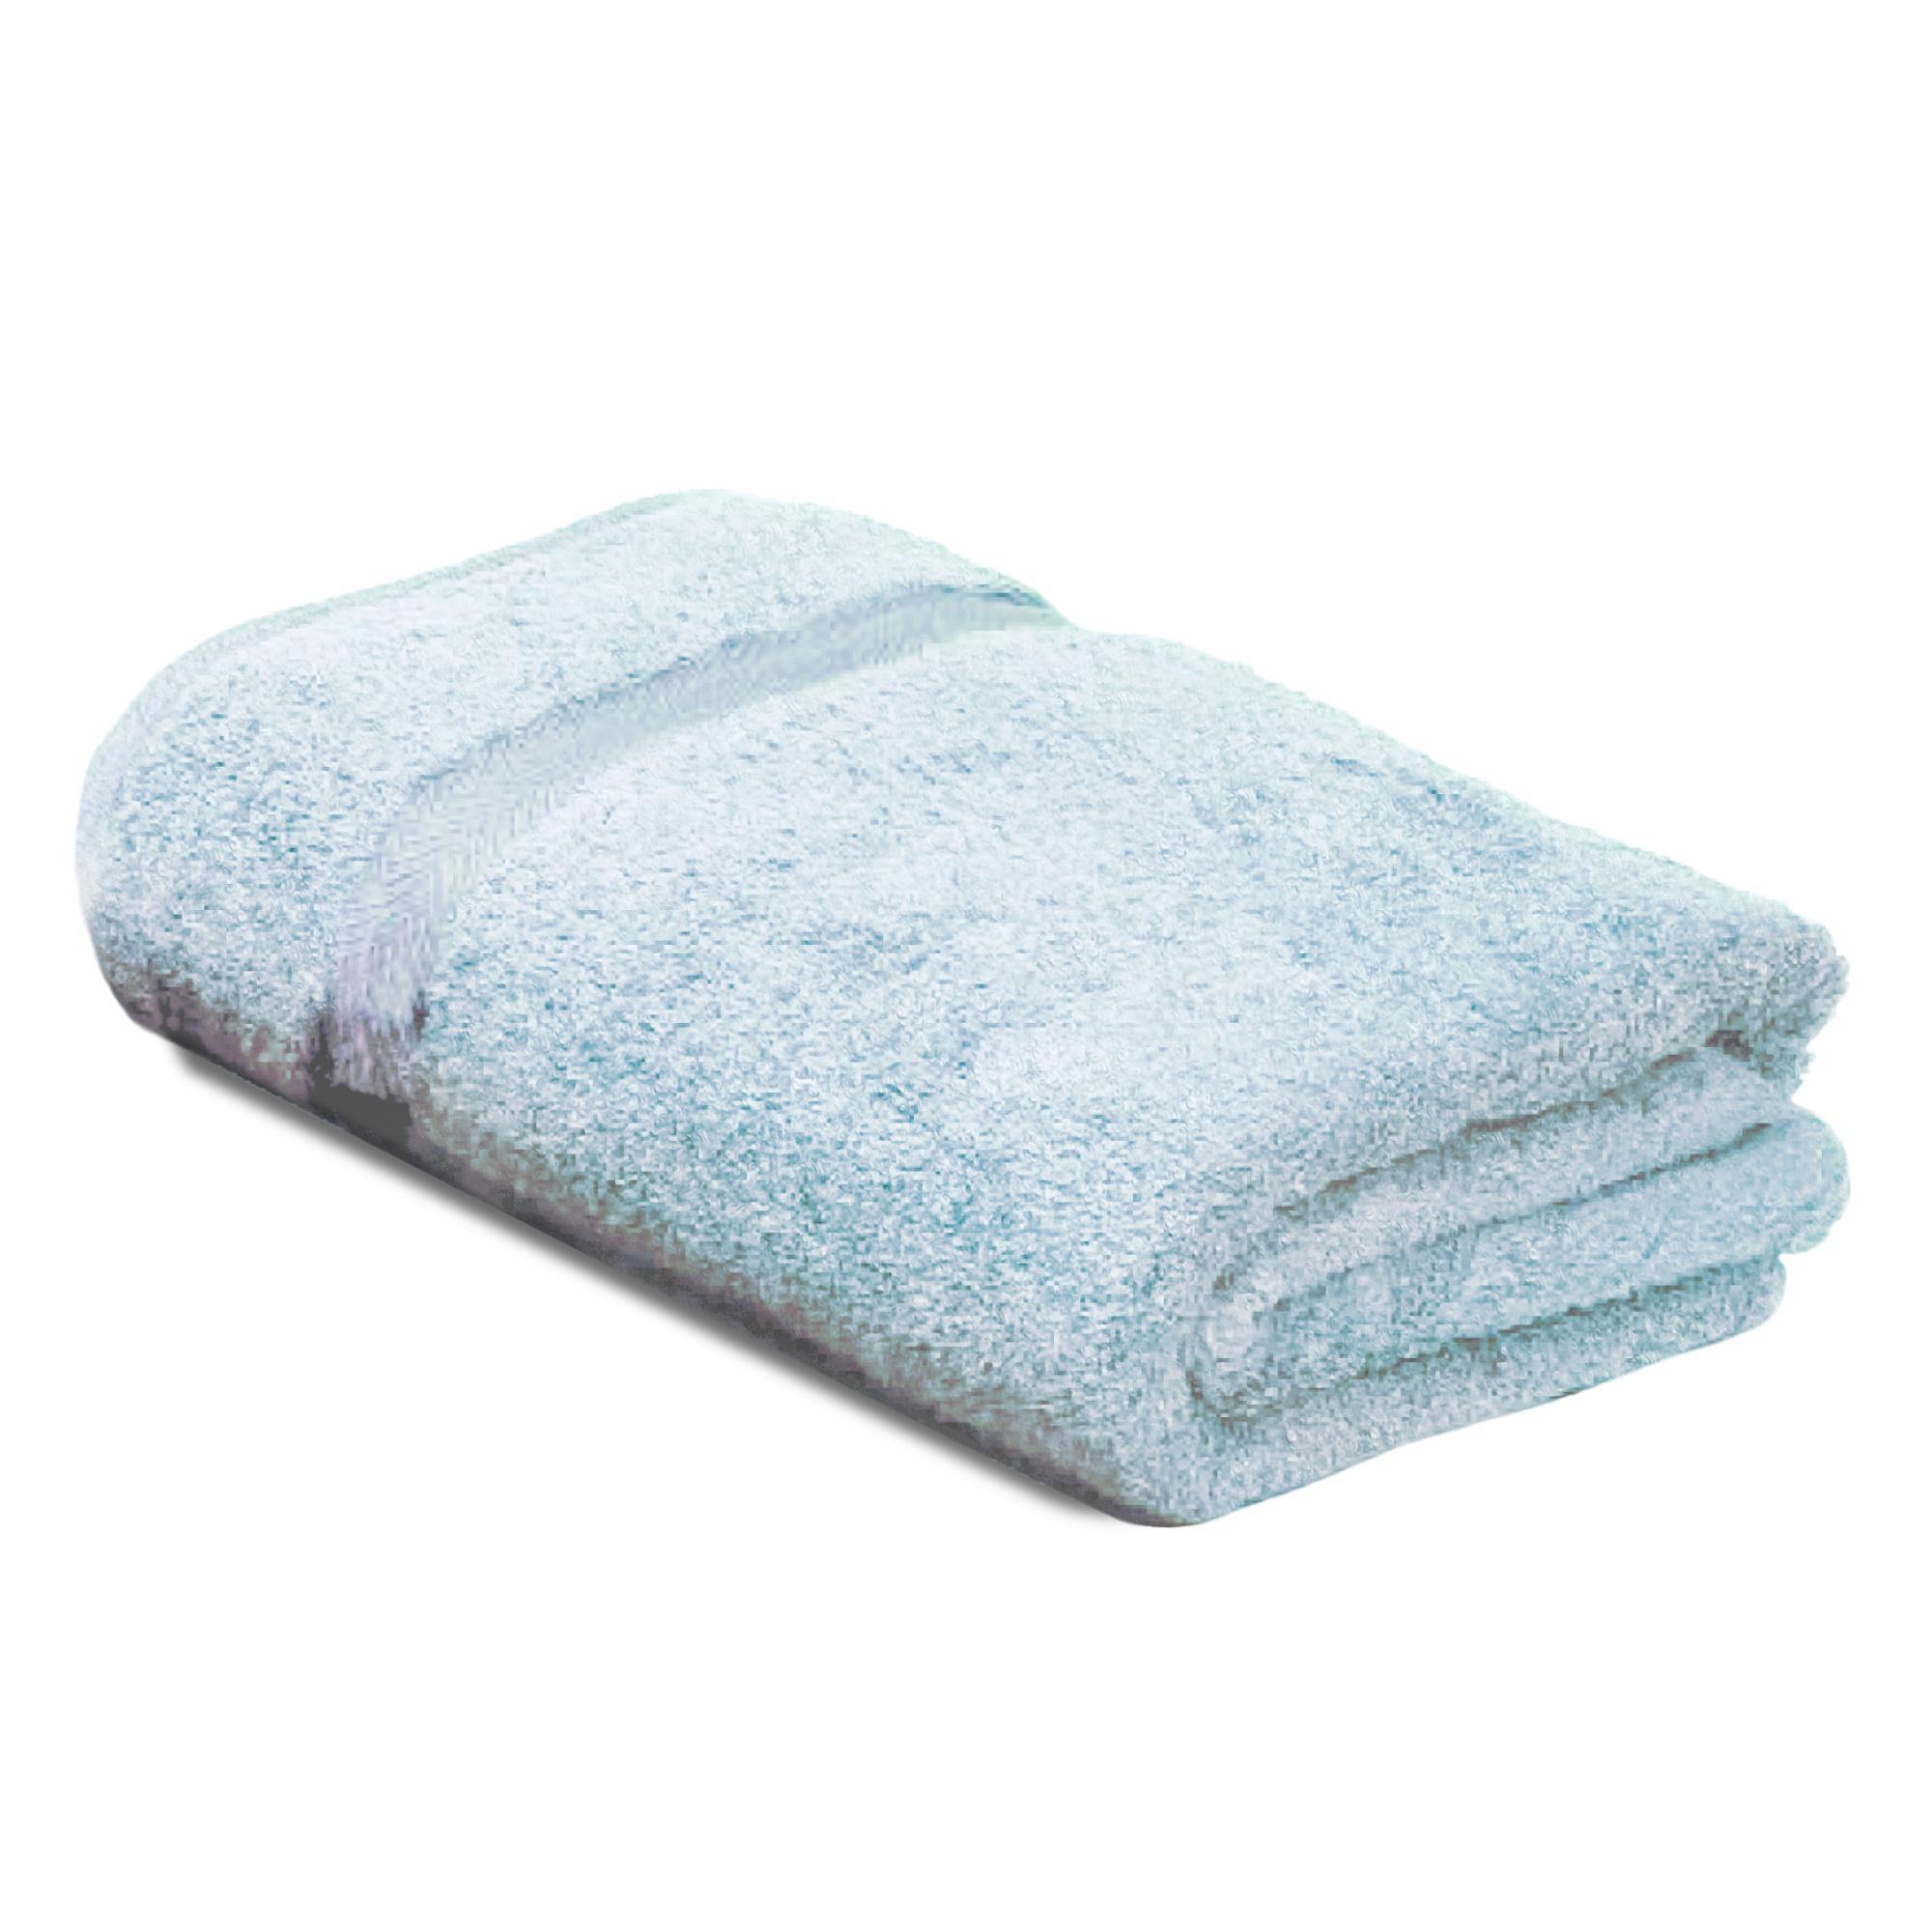 parure de bain 7 pi ces royal cresent bleu p le 650g m2 ebay. Black Bedroom Furniture Sets. Home Design Ideas